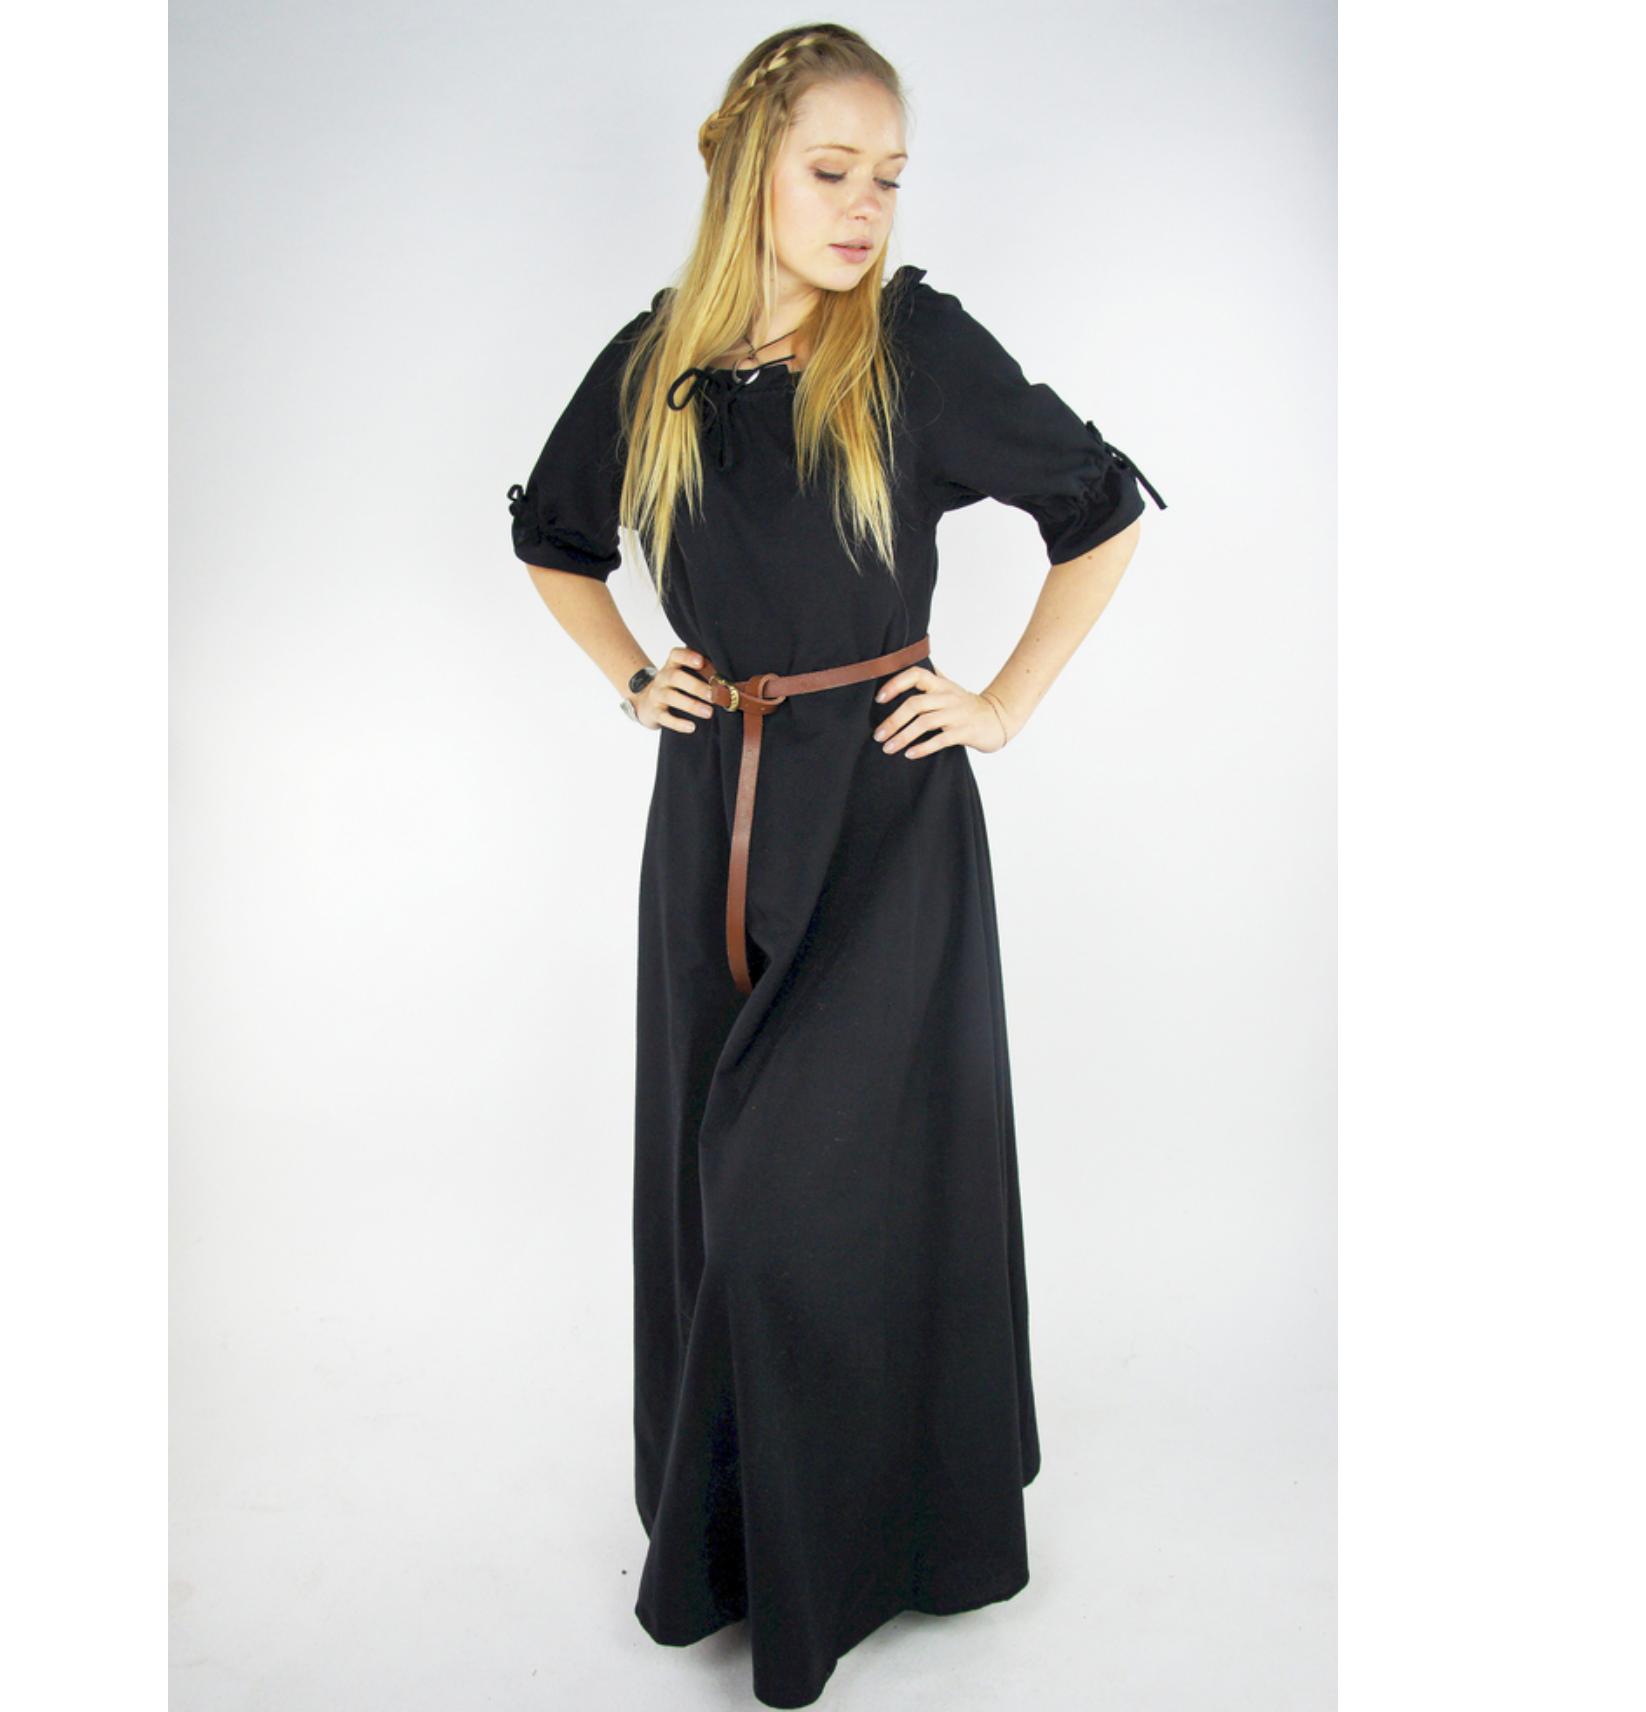 Melisande täyspitkä lyhythihainen mekko